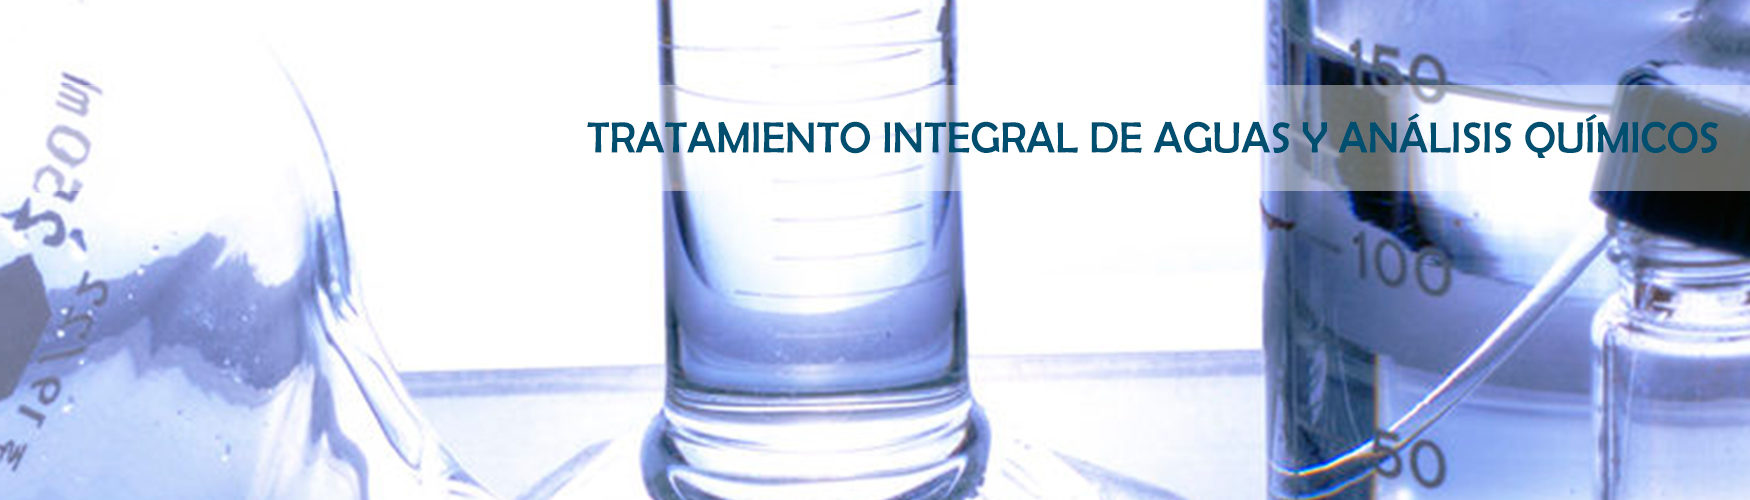 banner de tratamiento integral de aguas